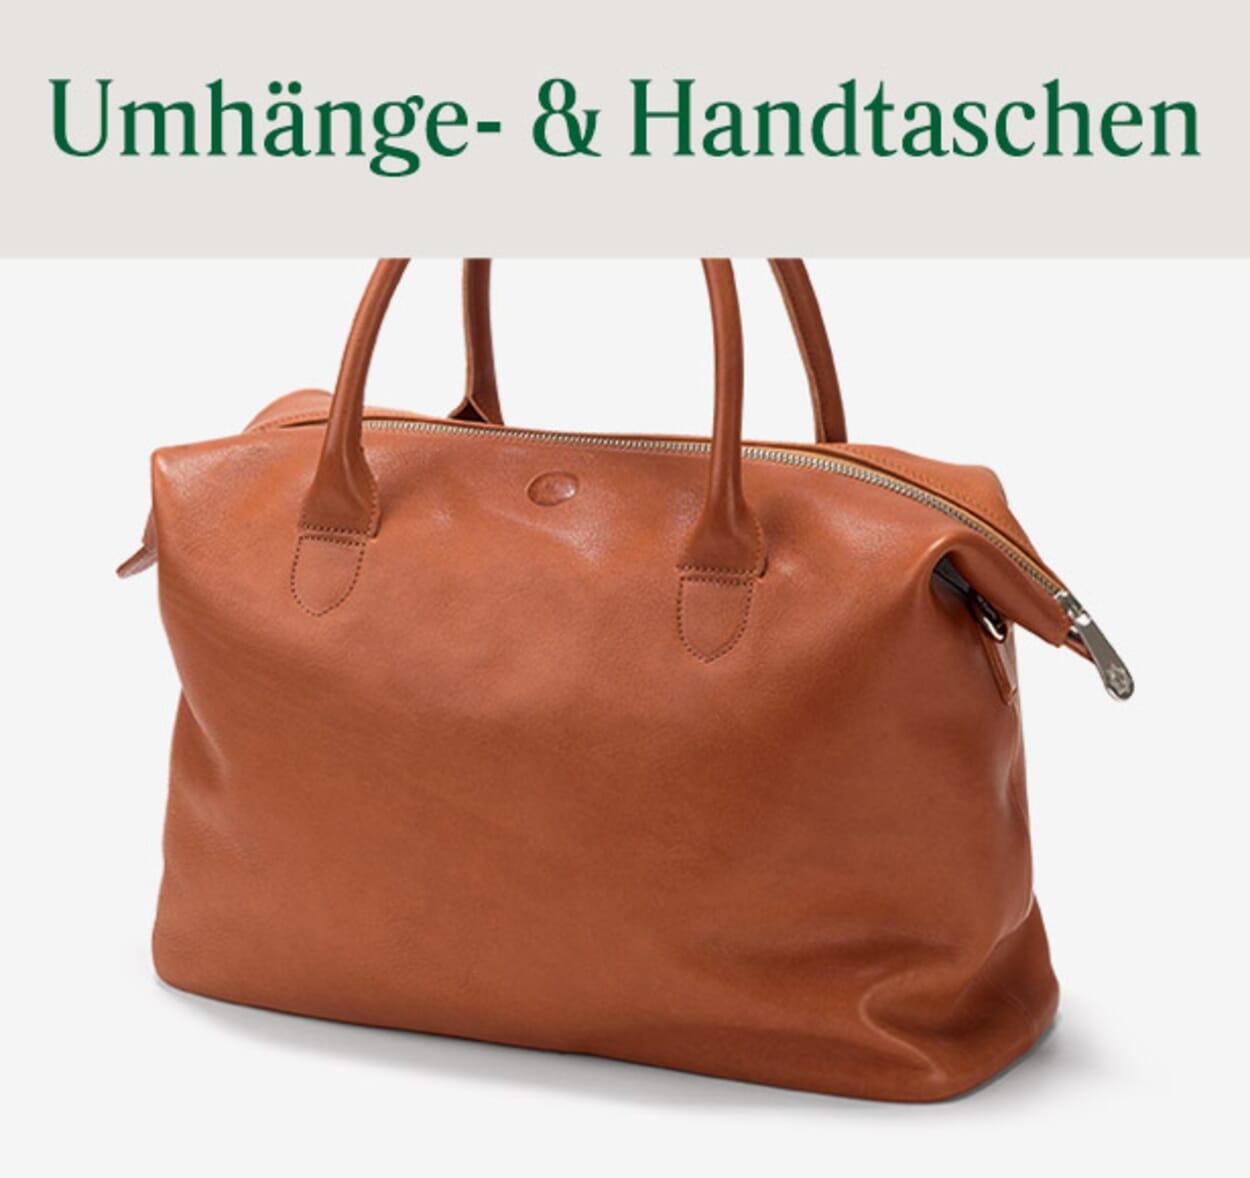 Umhänge- & Handtaschen